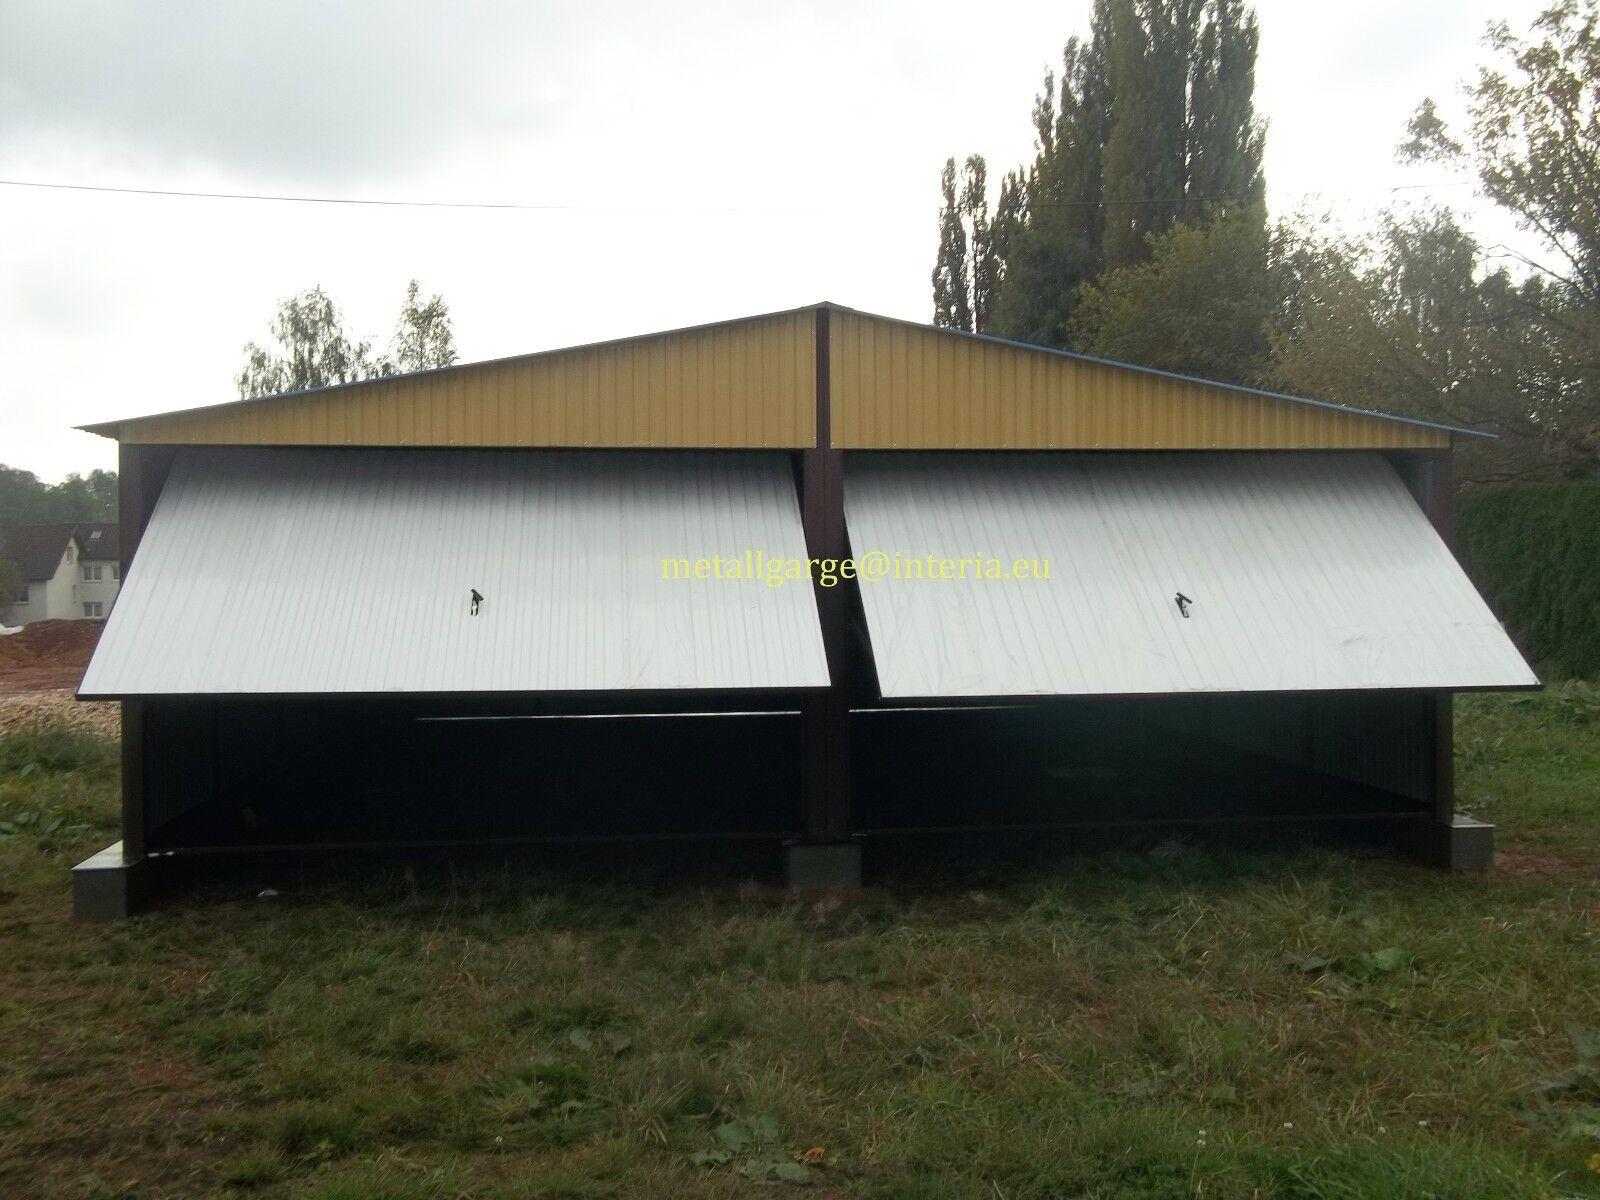 1002&9010 5,0X4,5 Blechgarage Metallgarage LAGERRAUM RAUM KFZ Schuppen Garage